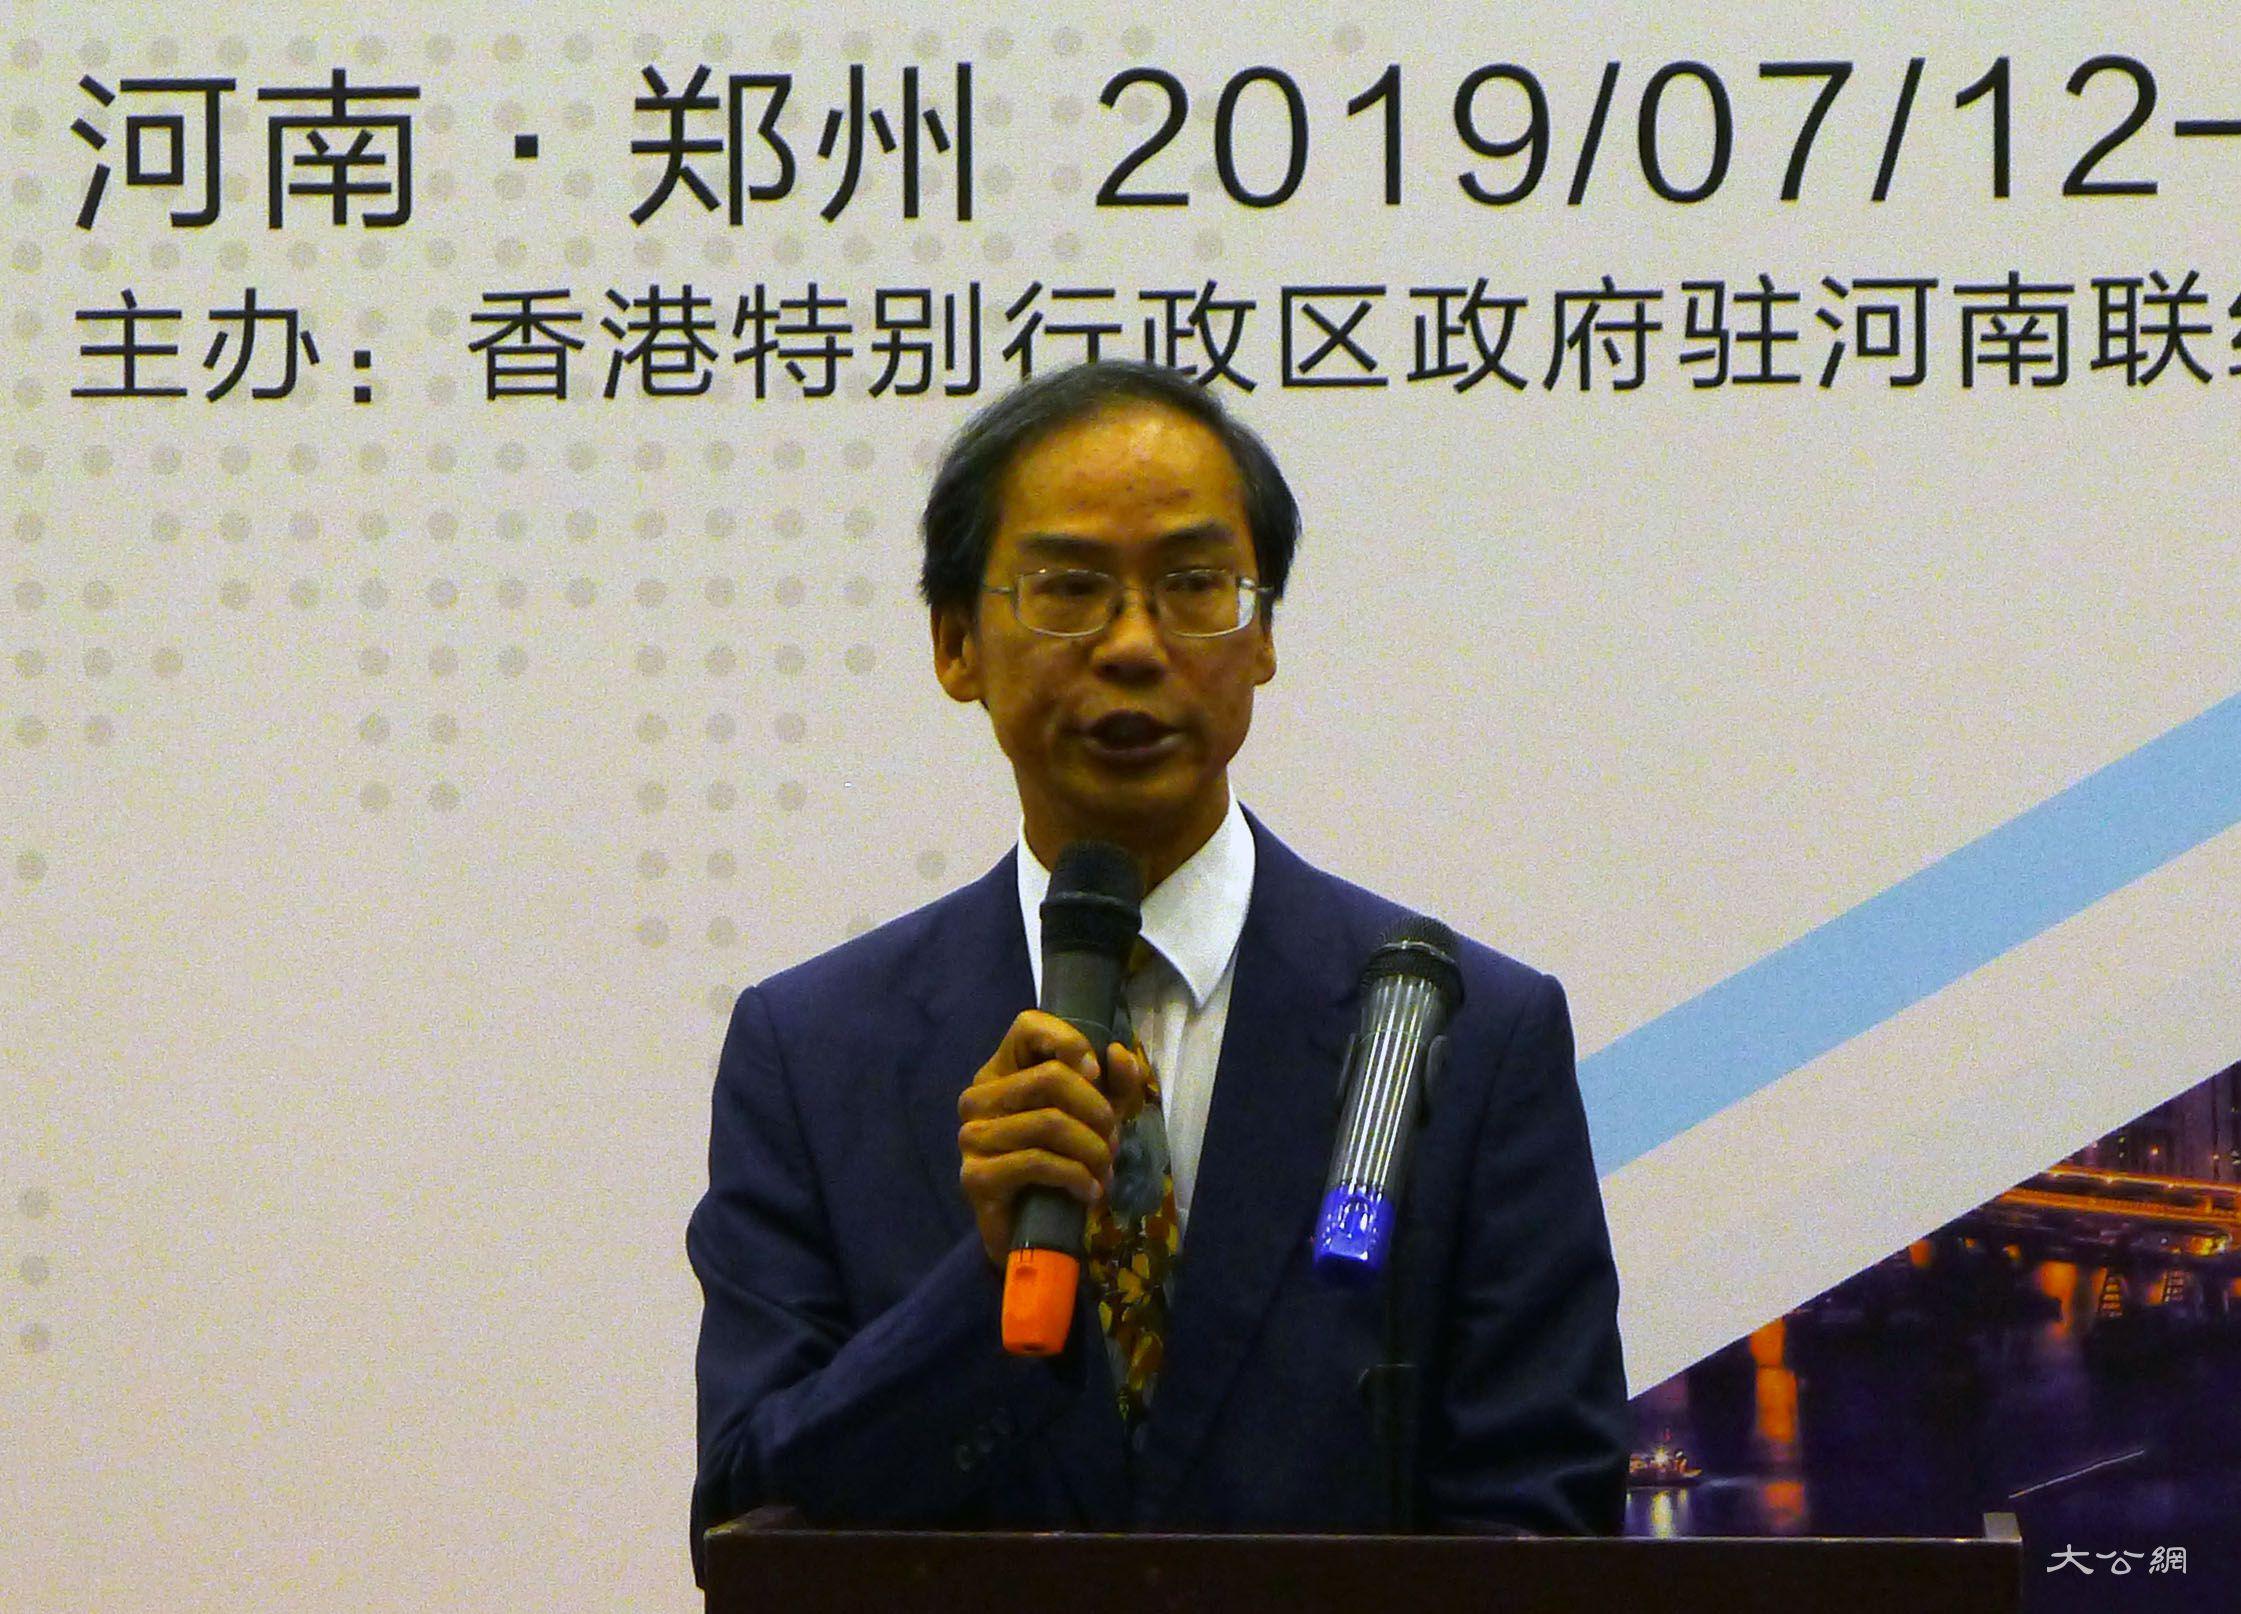 香港武術及體育活動圖片展在鄭州開幕